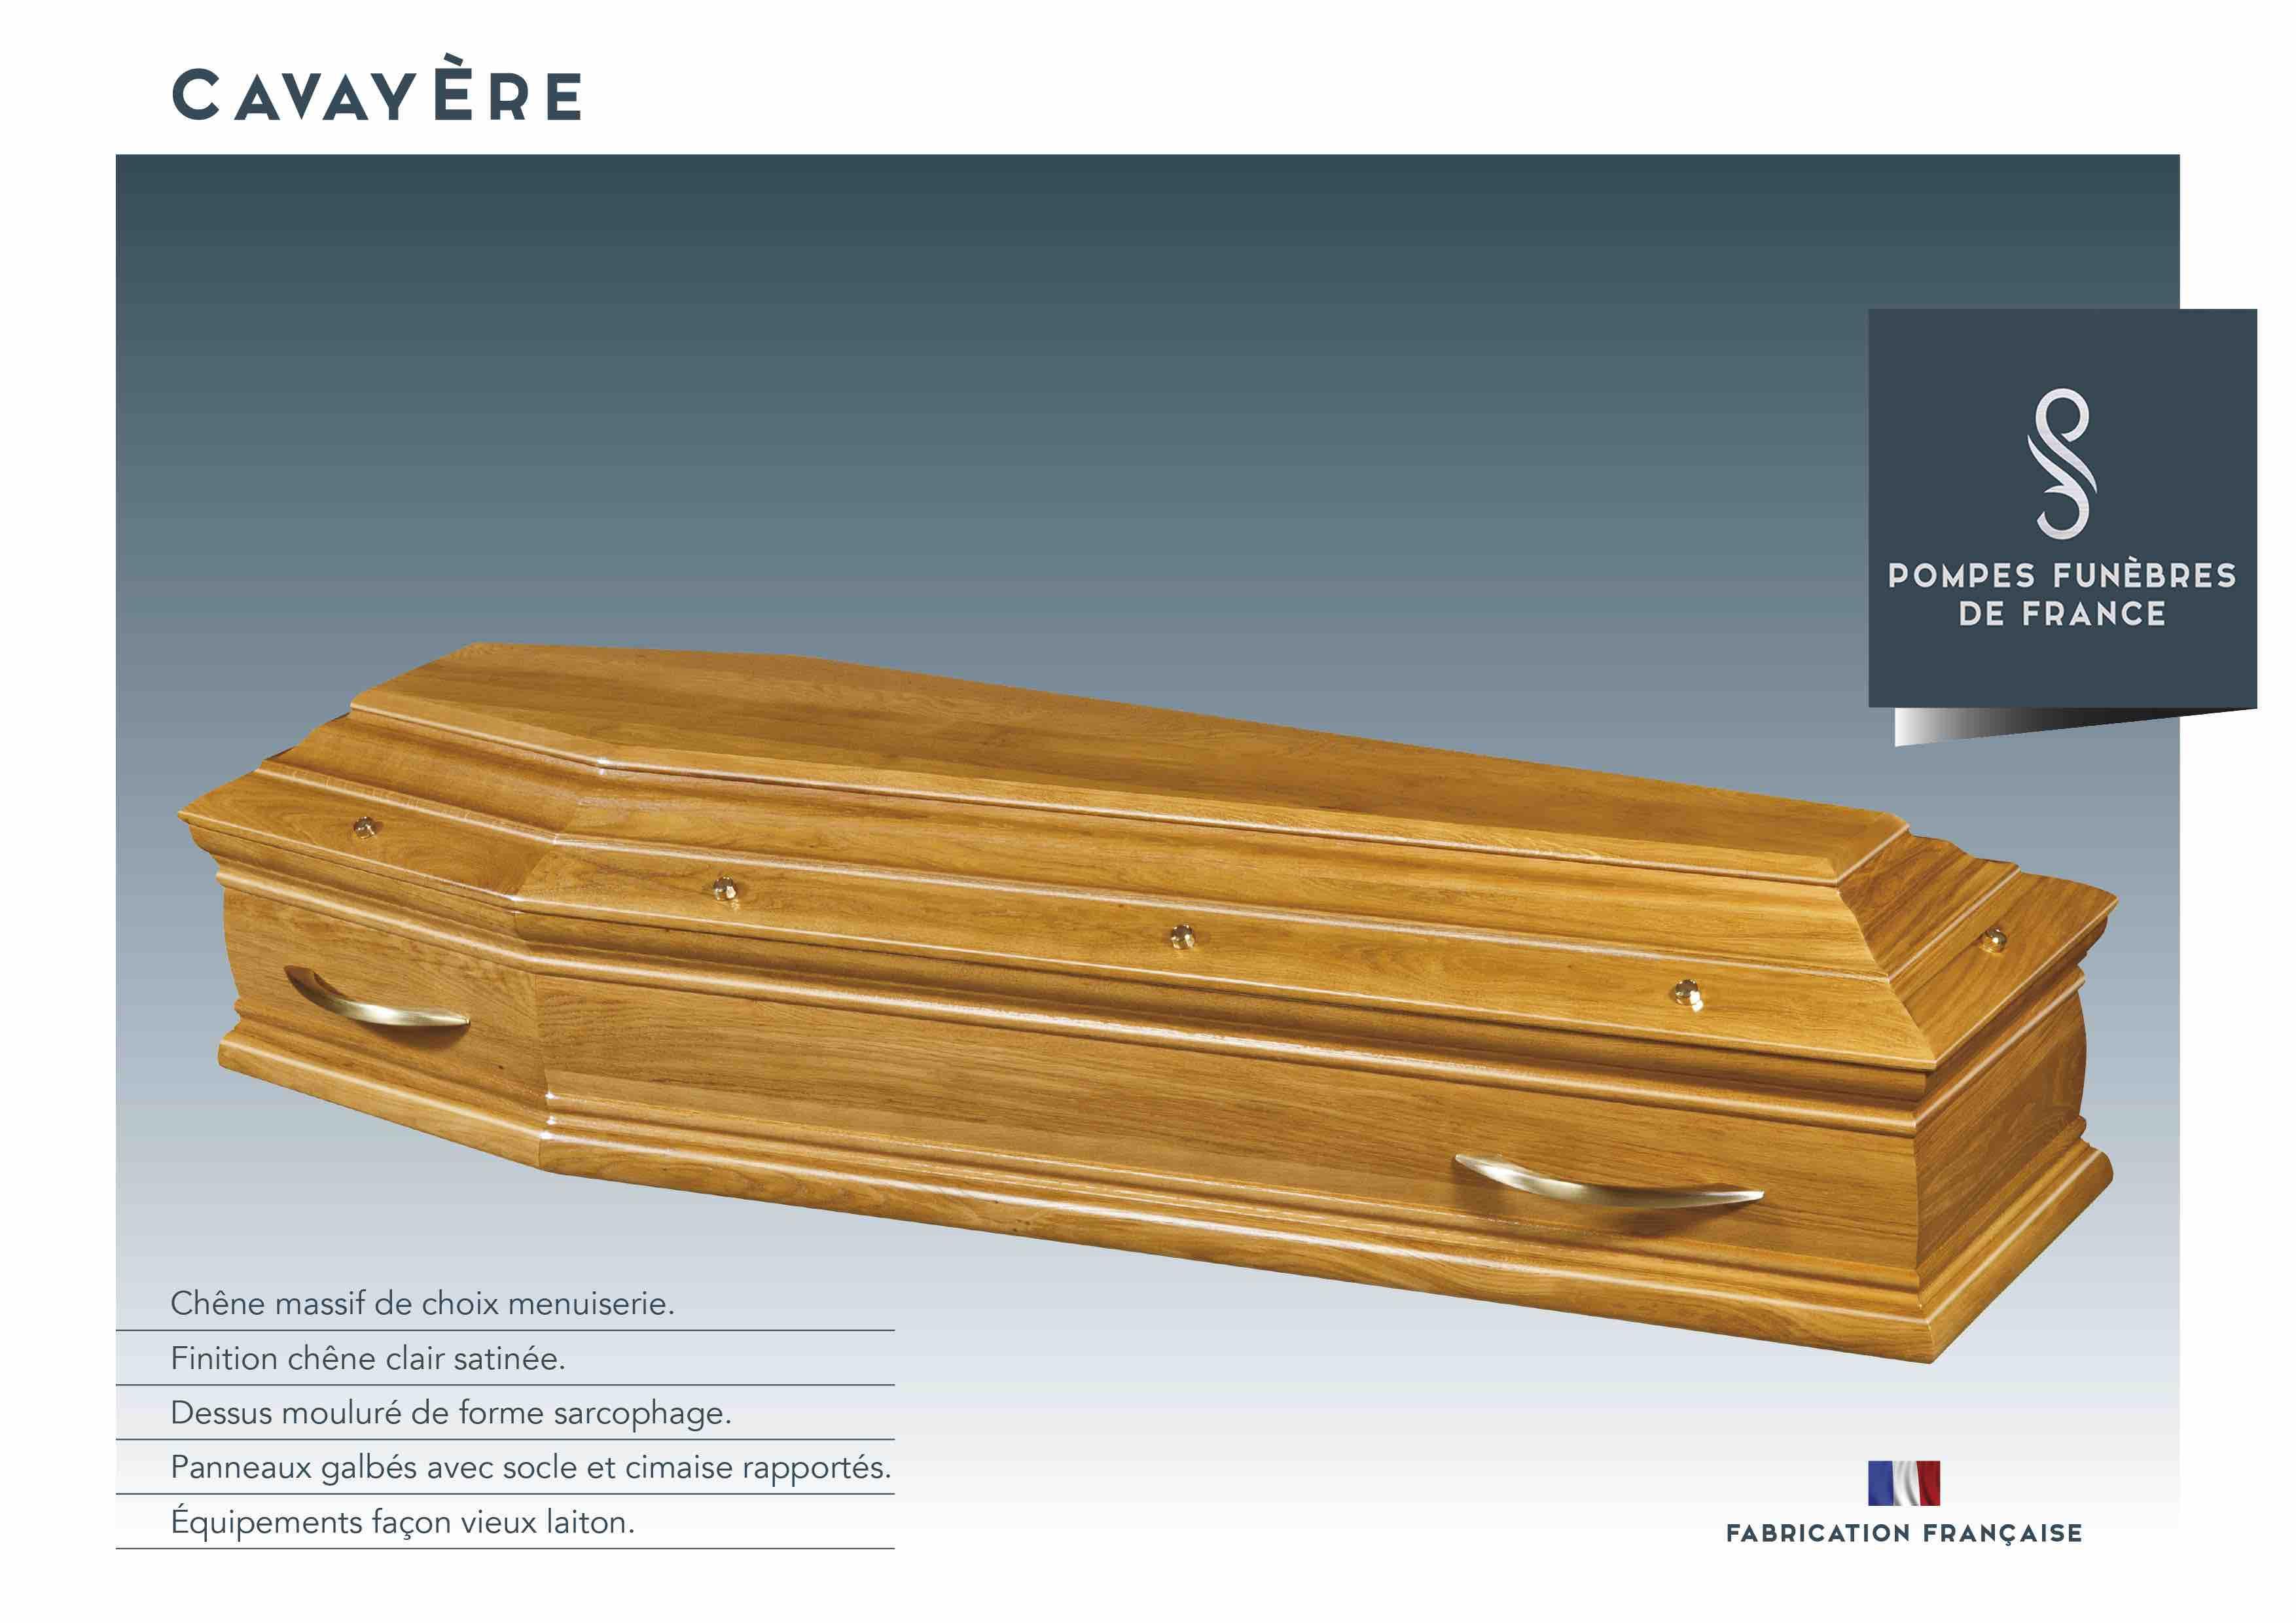 Cercueil Cavayère